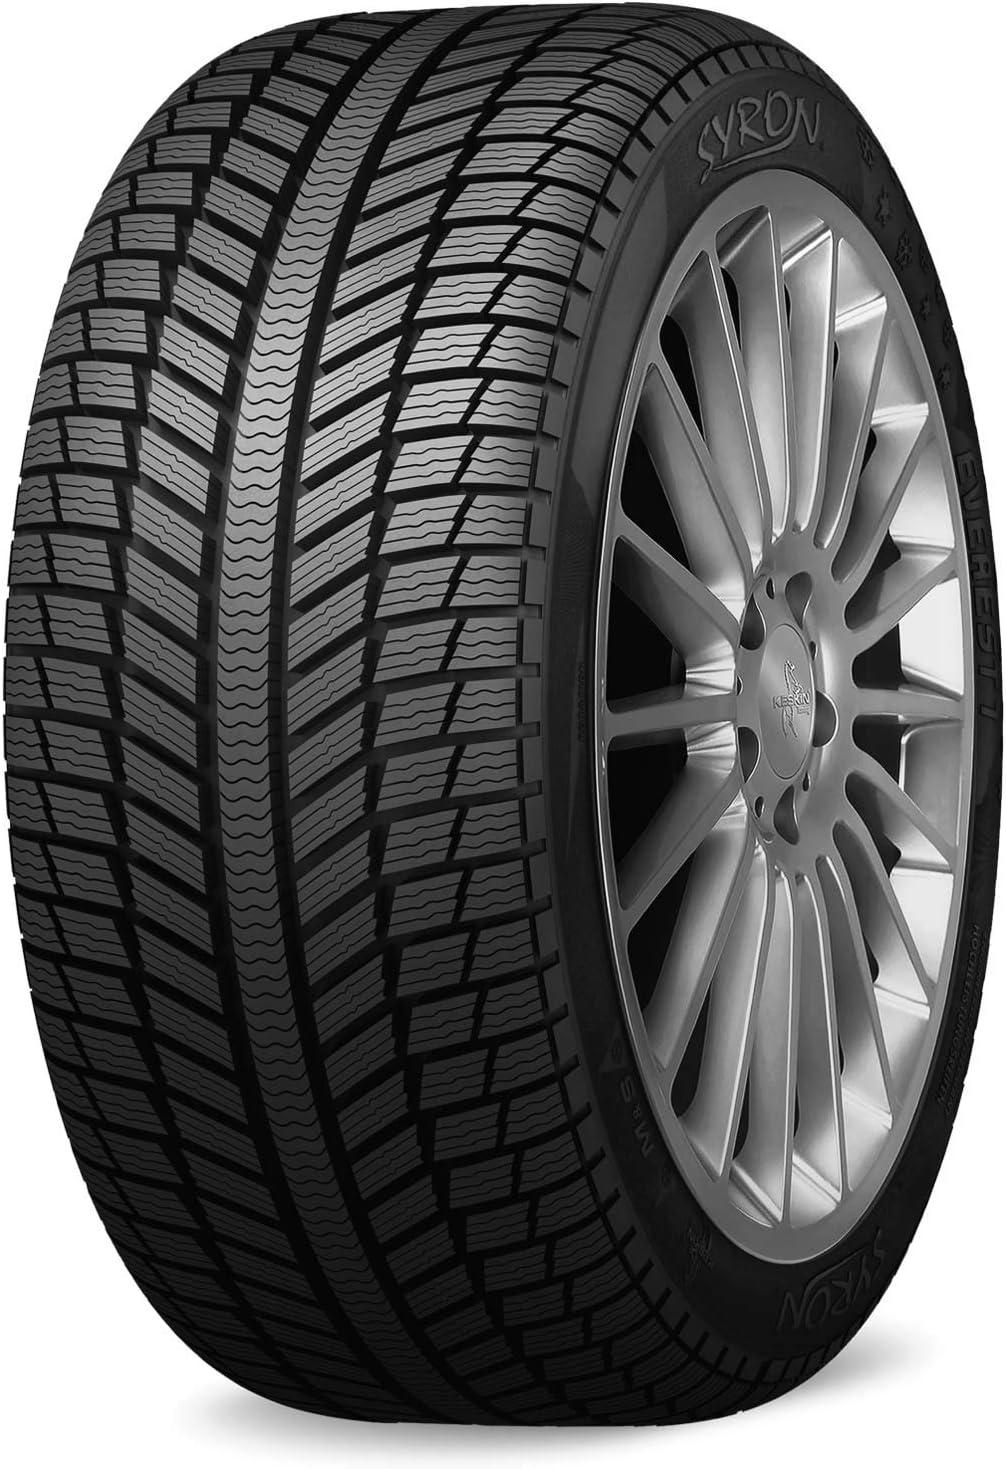 Syron Tires Everest1 Plus Xl 225 55 R17 101v E B 72db Winterreifen Pkw Auto